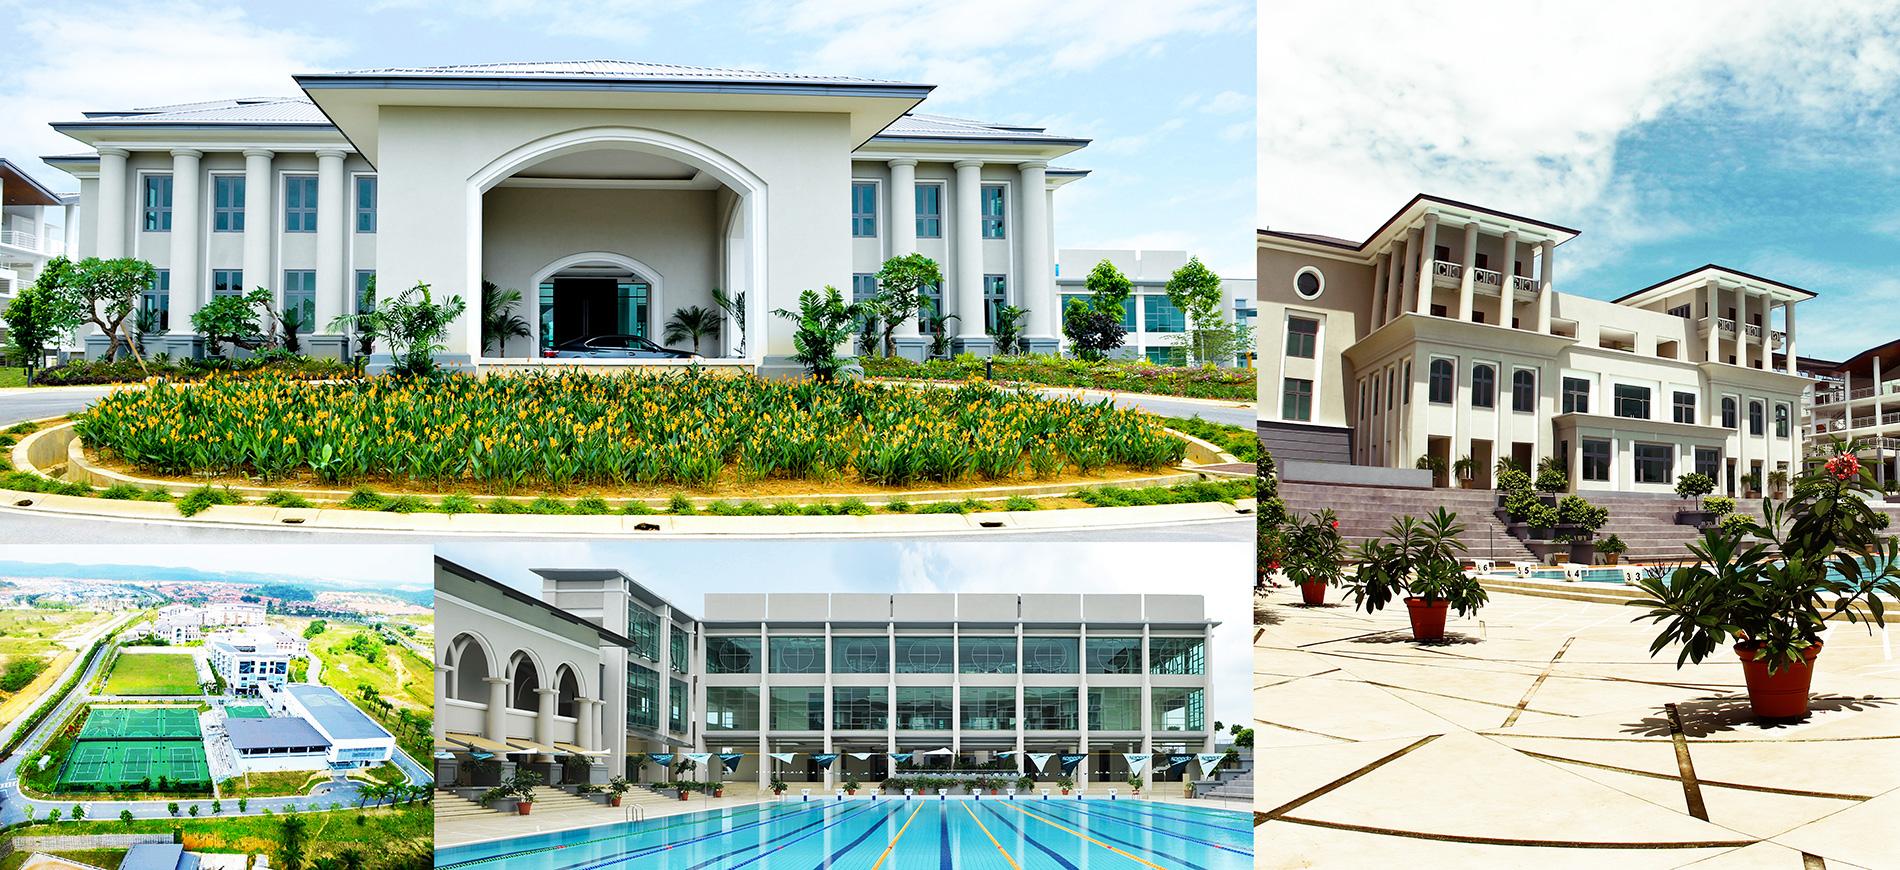 Cempaka International Ladies College (CILC)